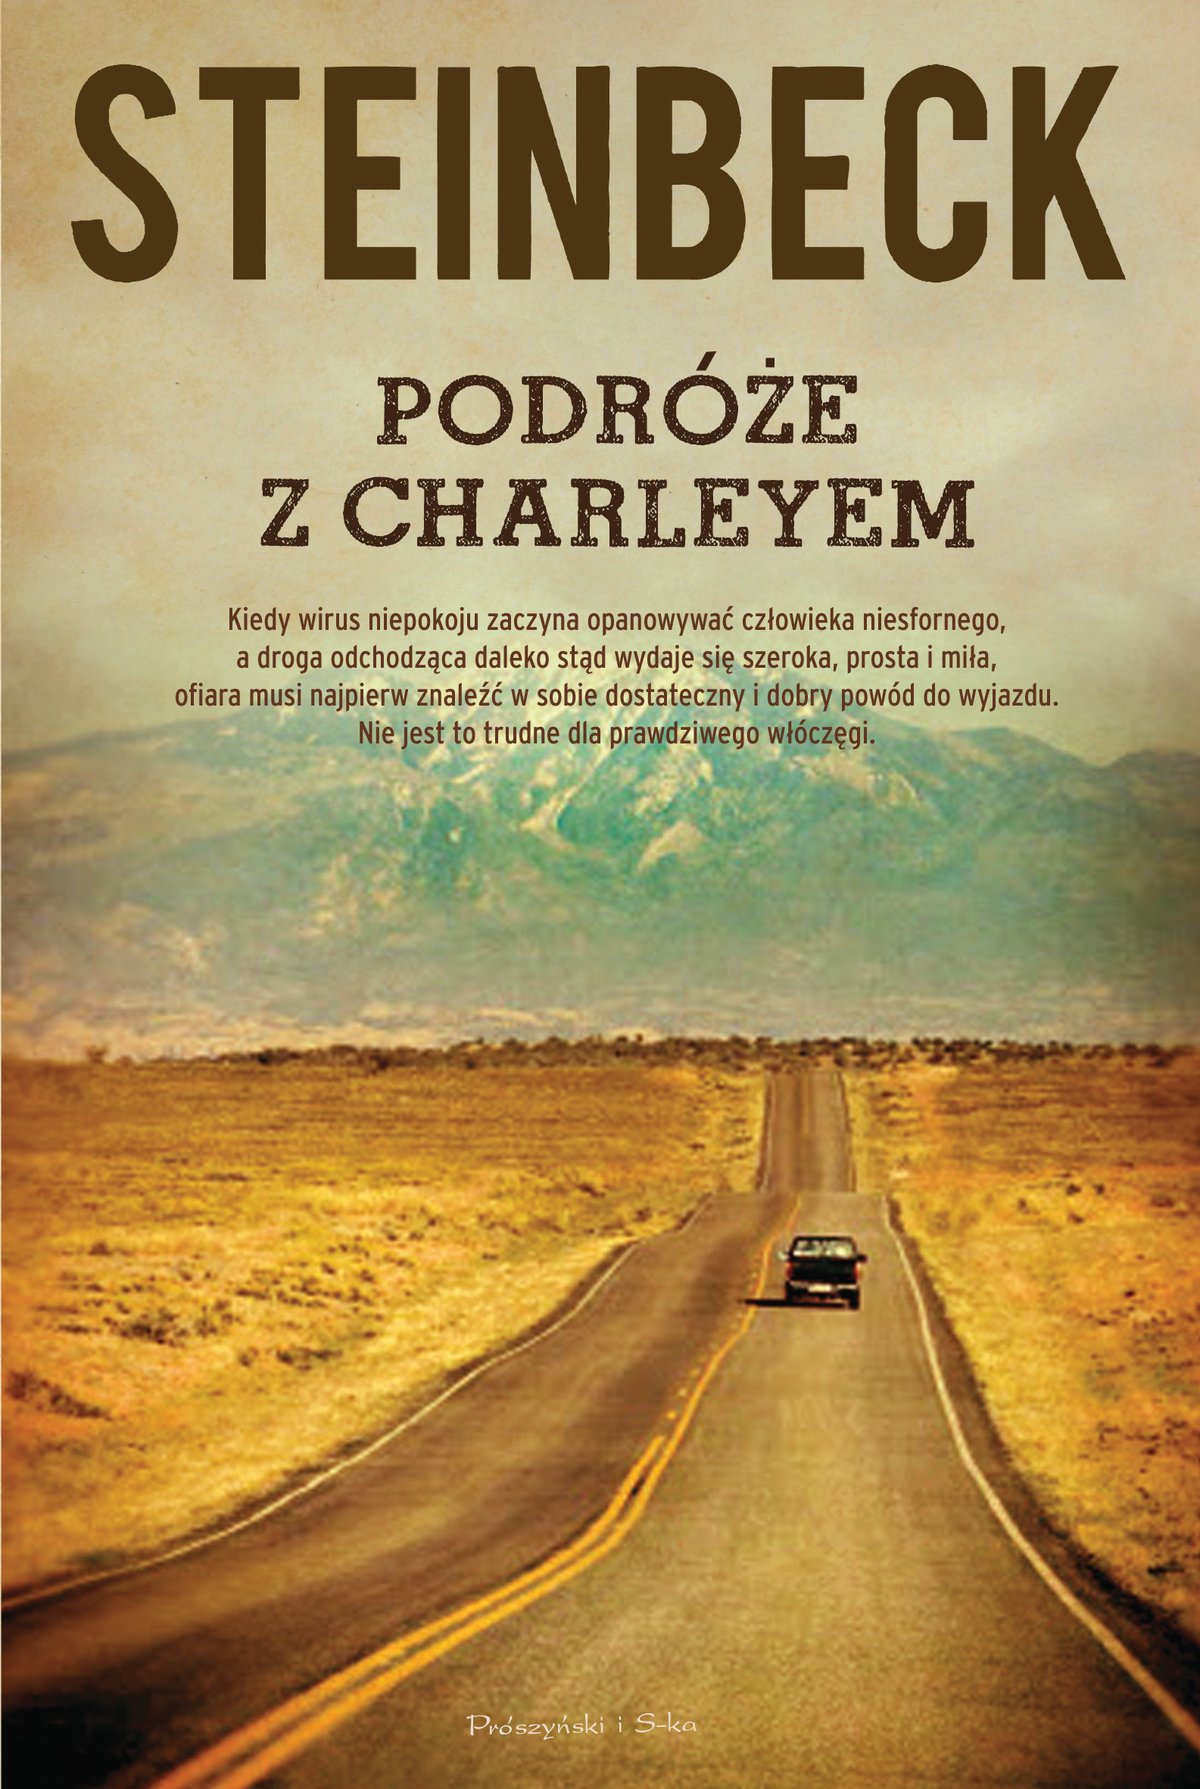 Podróże z Charleyem - Ebook (Książka EPUB) do pobrania w formacie EPUB